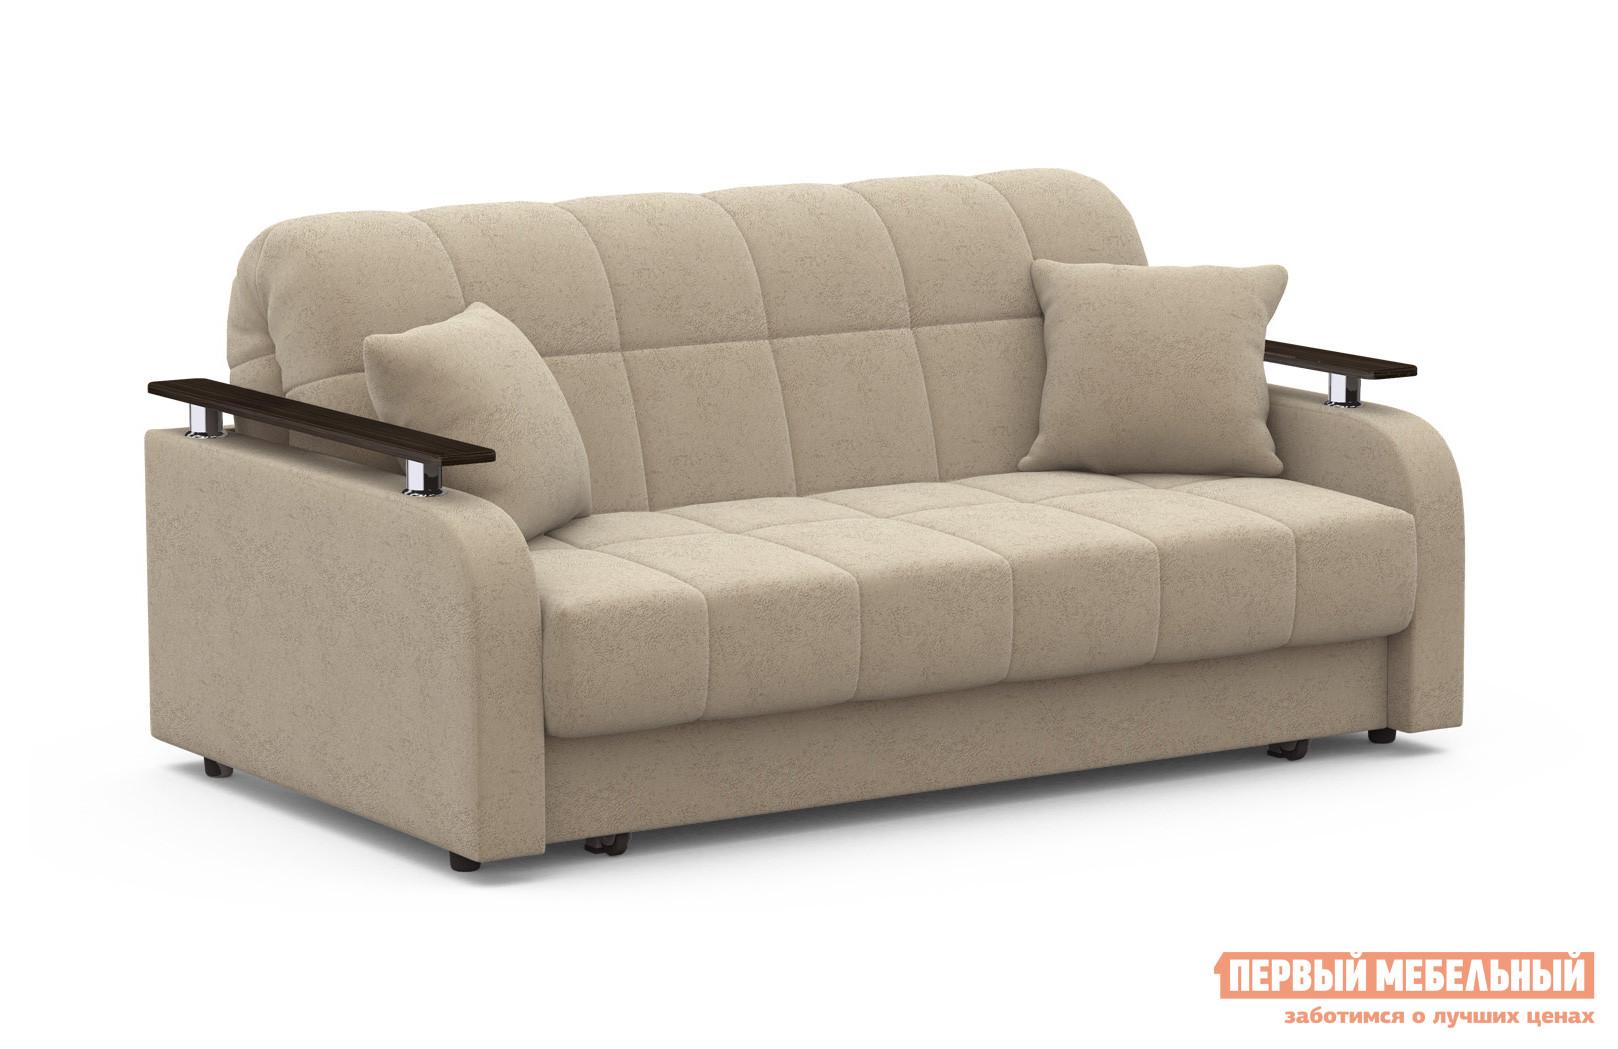 Прямой диван Живые диваны Карина прямой 044